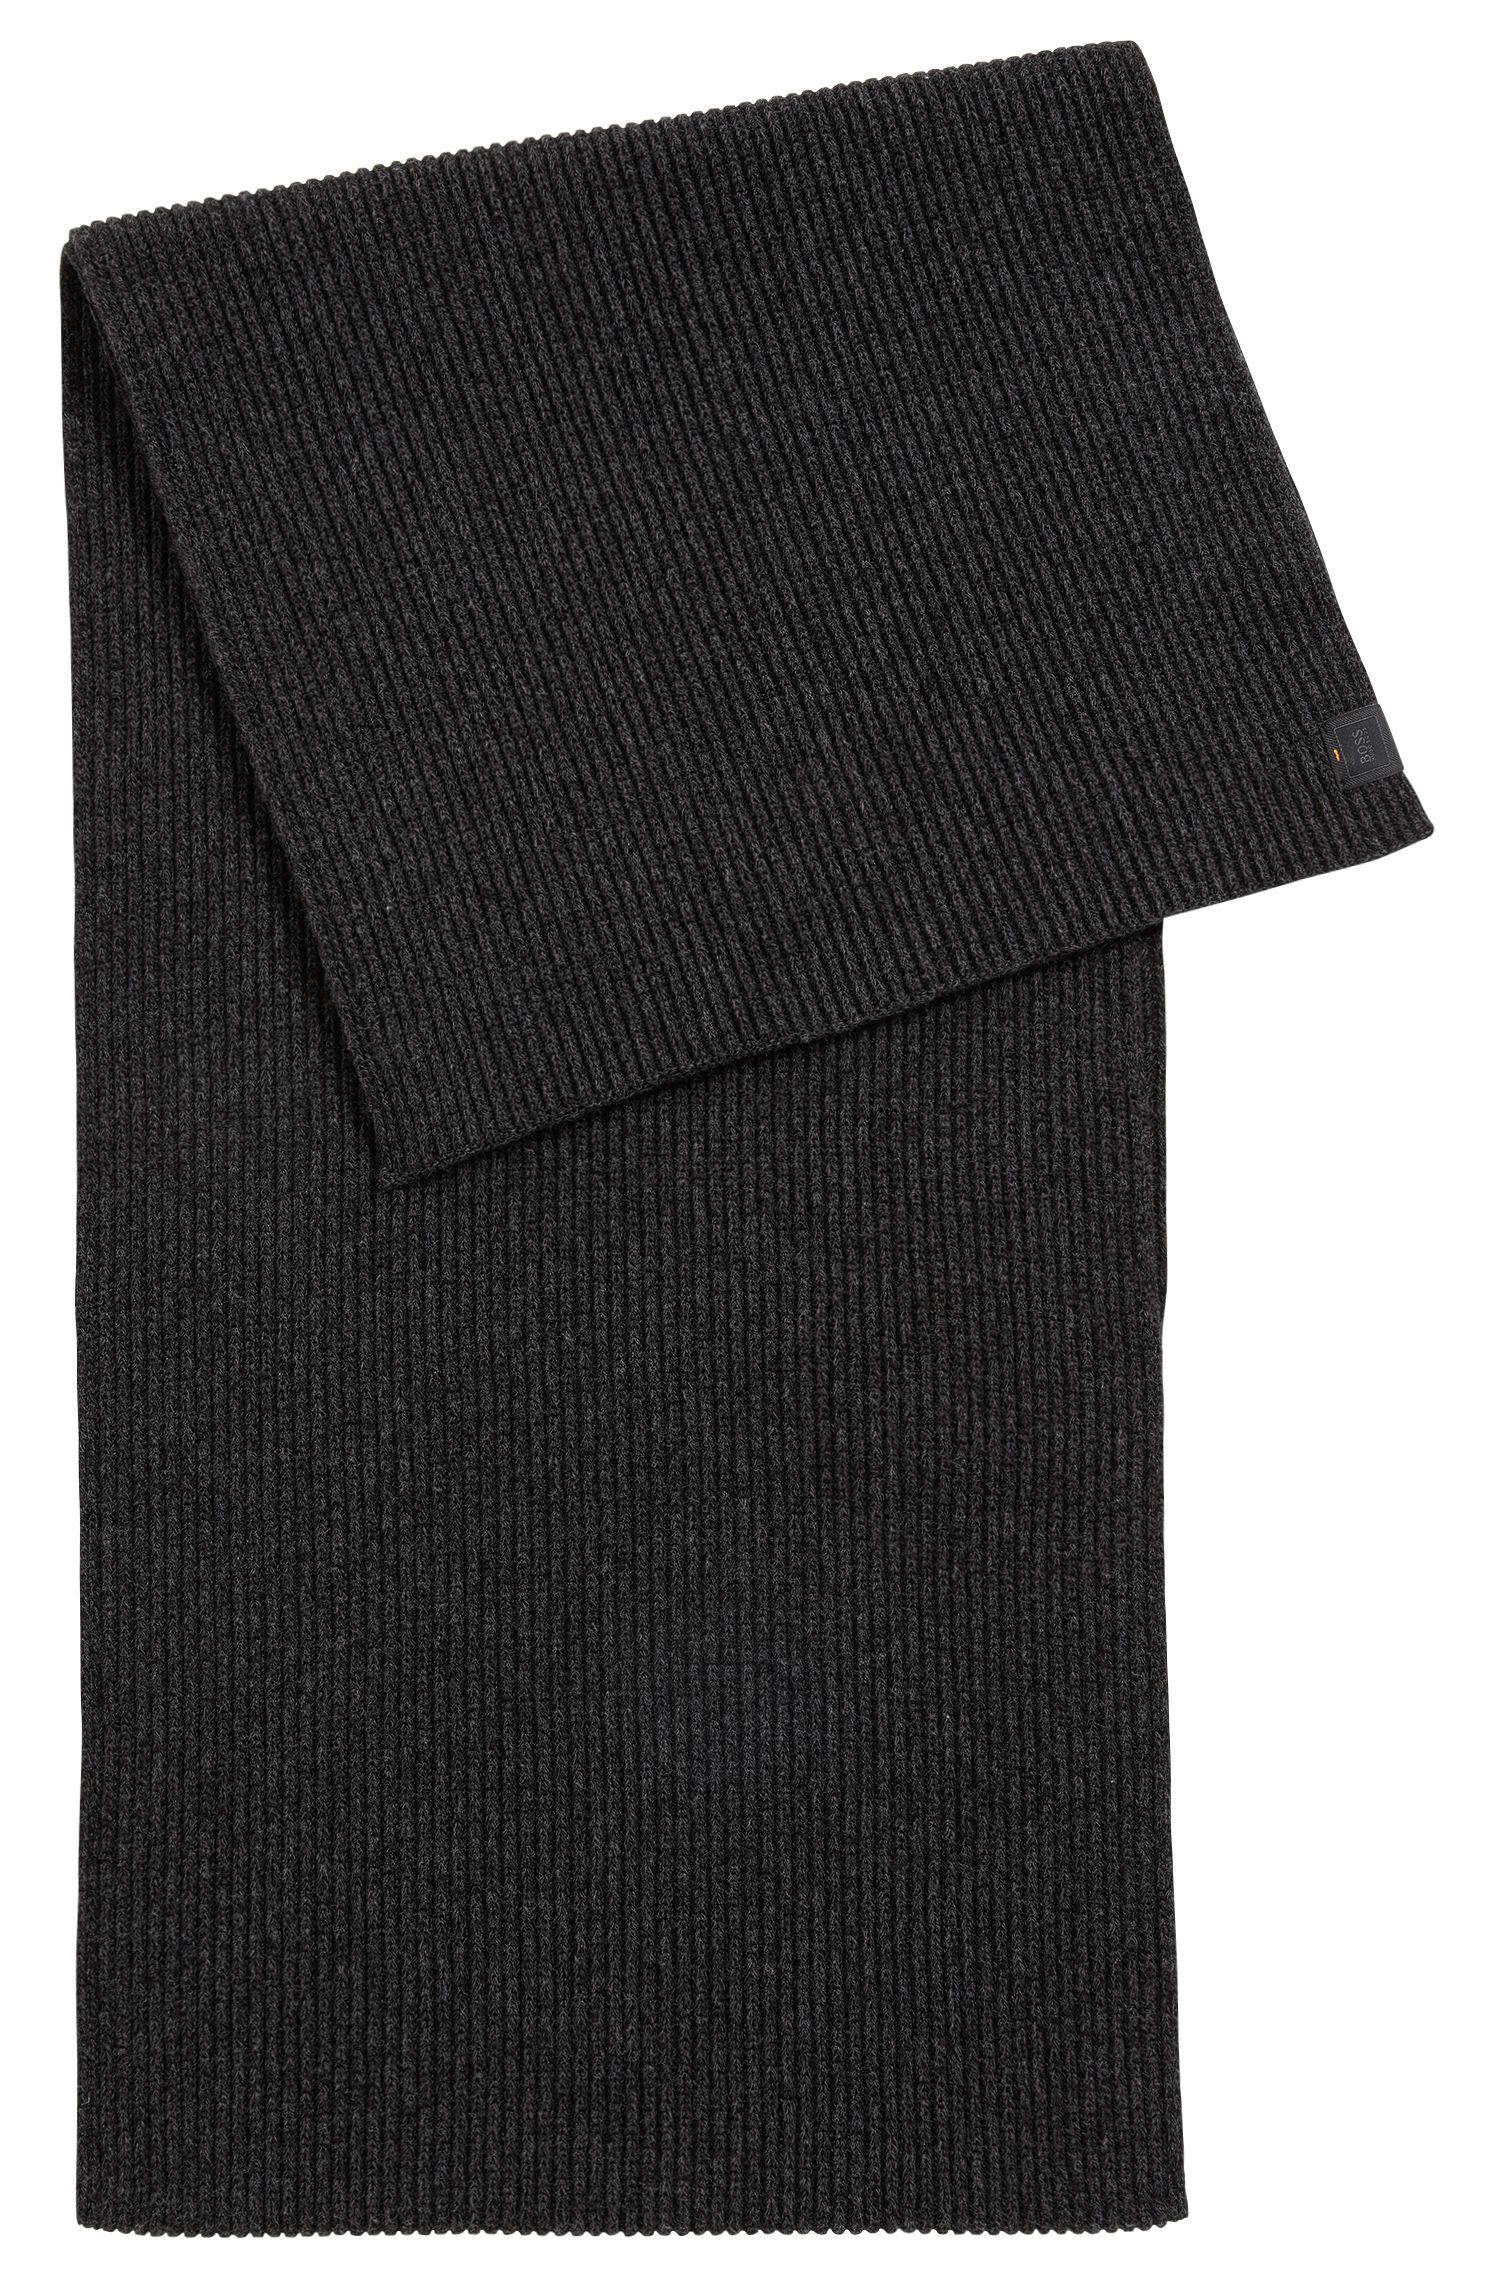 Écharpe côtelée en coton mouliné mercerisé